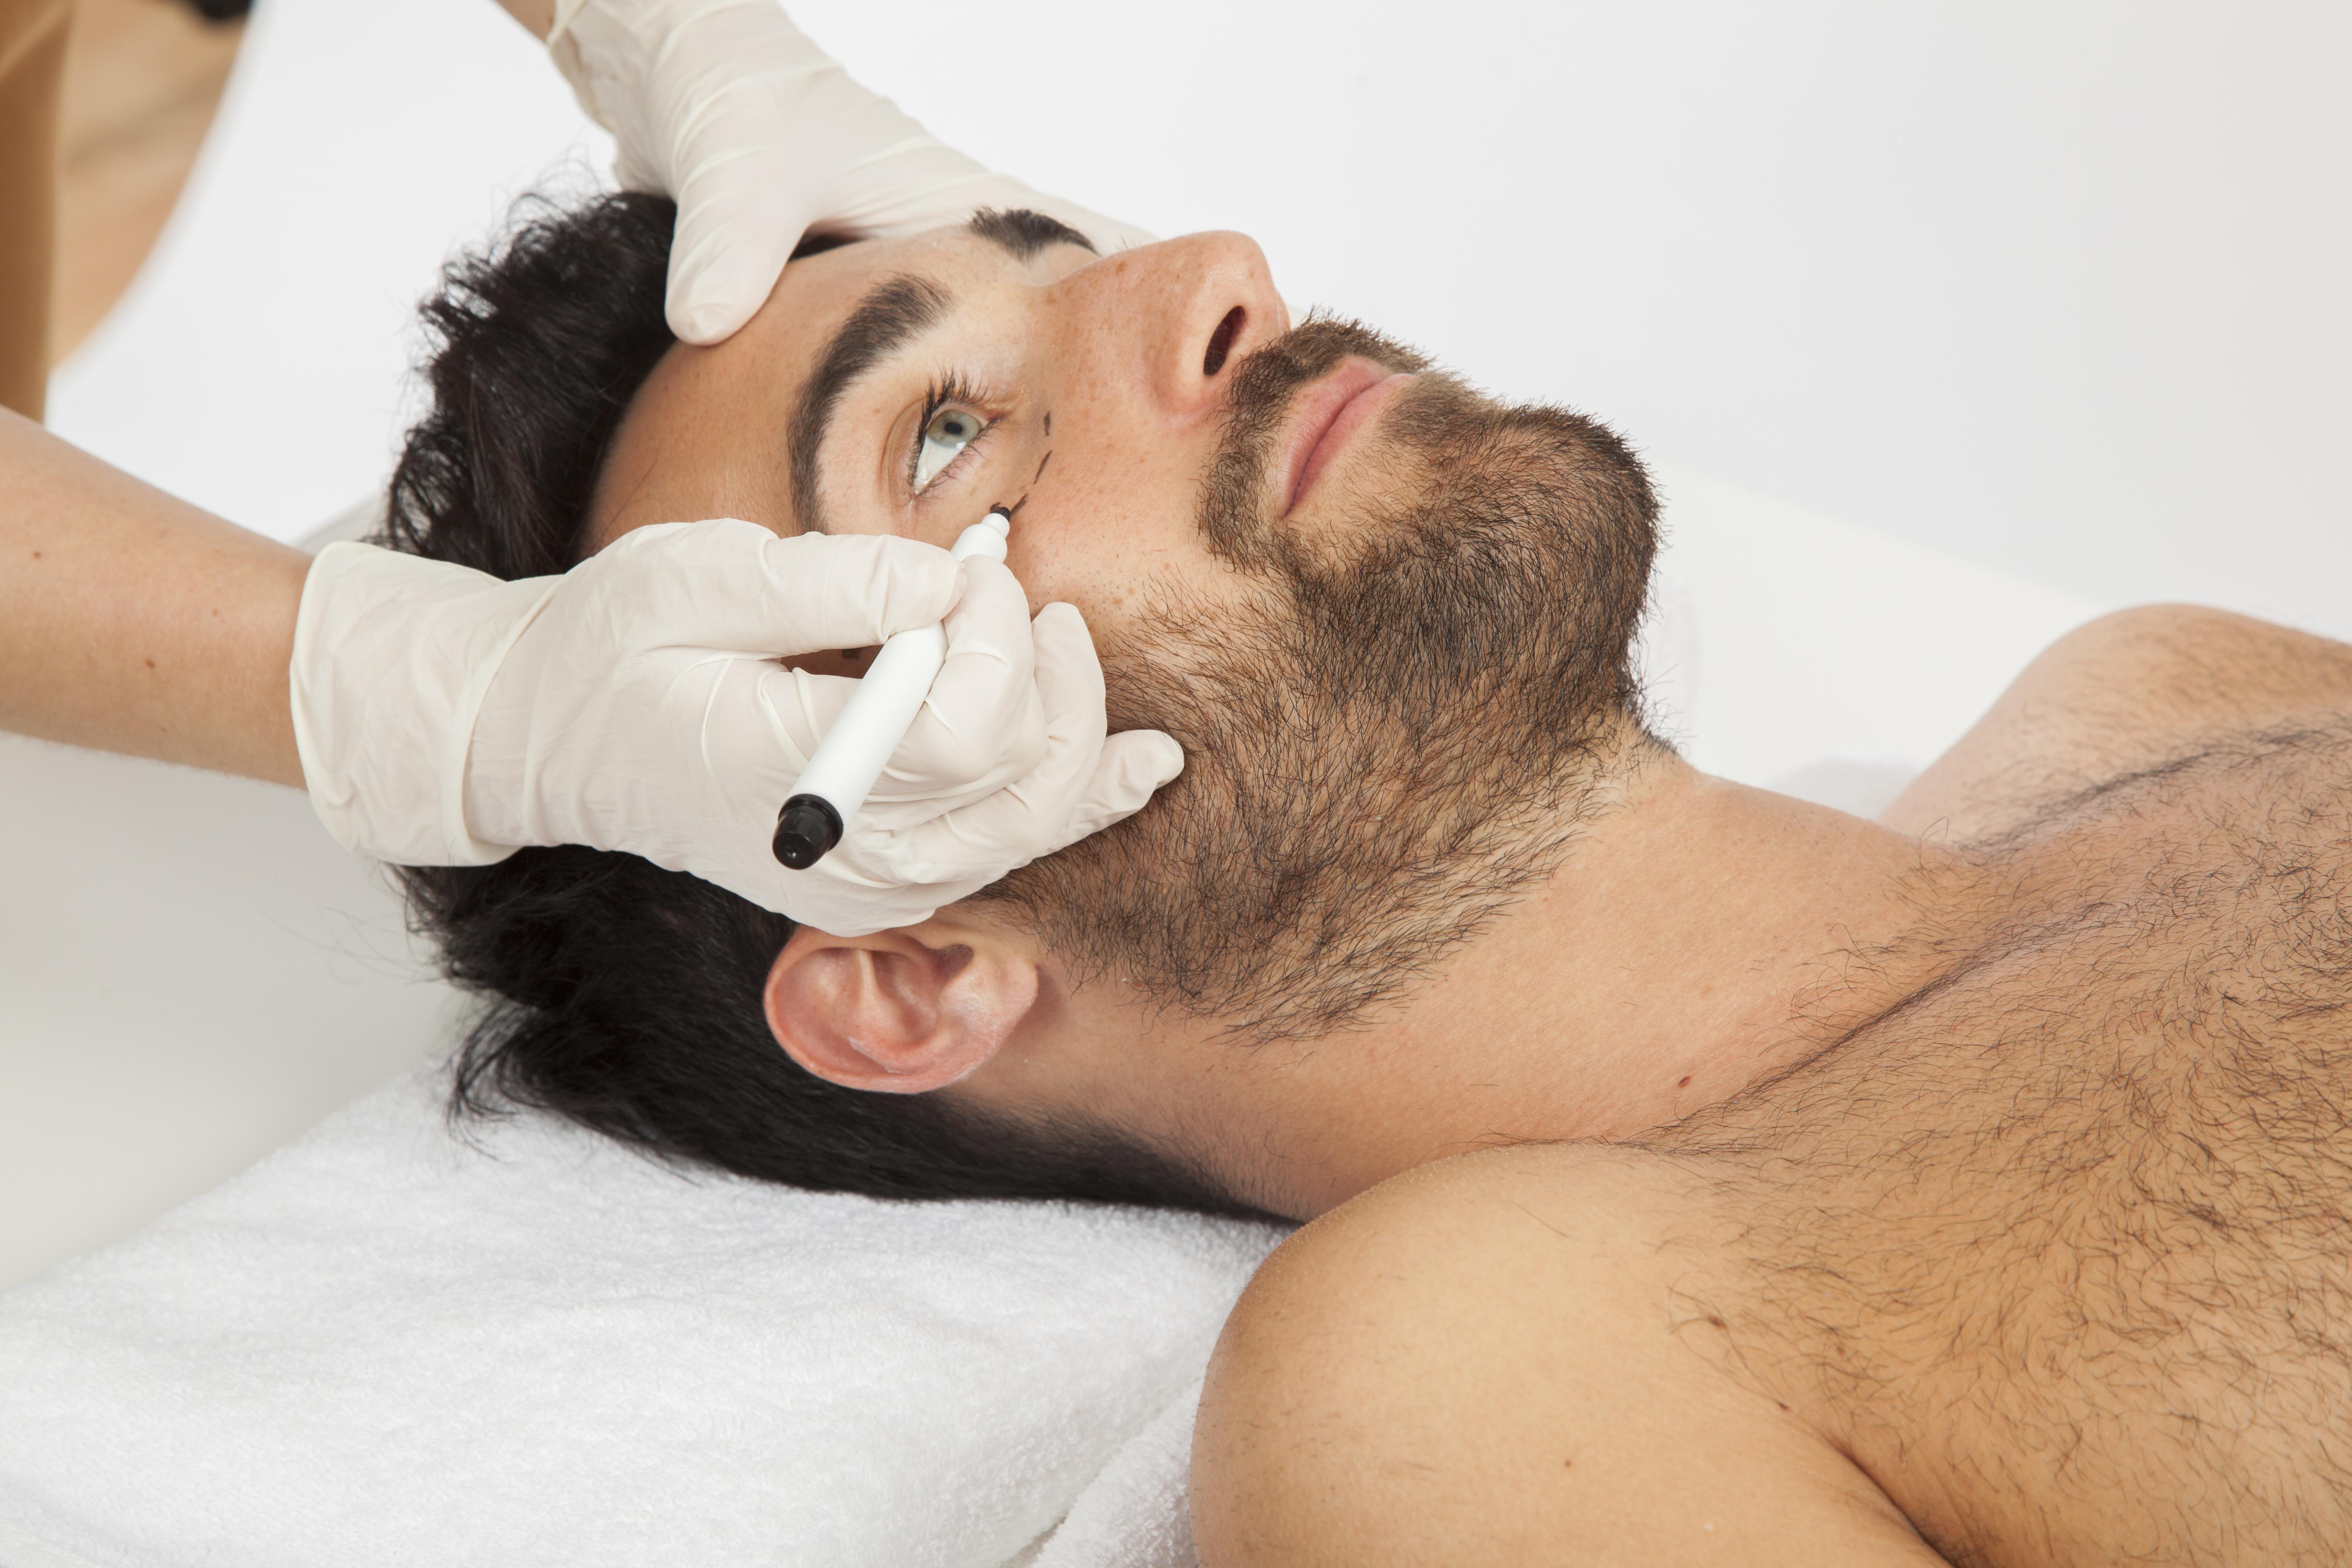 Homem tratamento estético